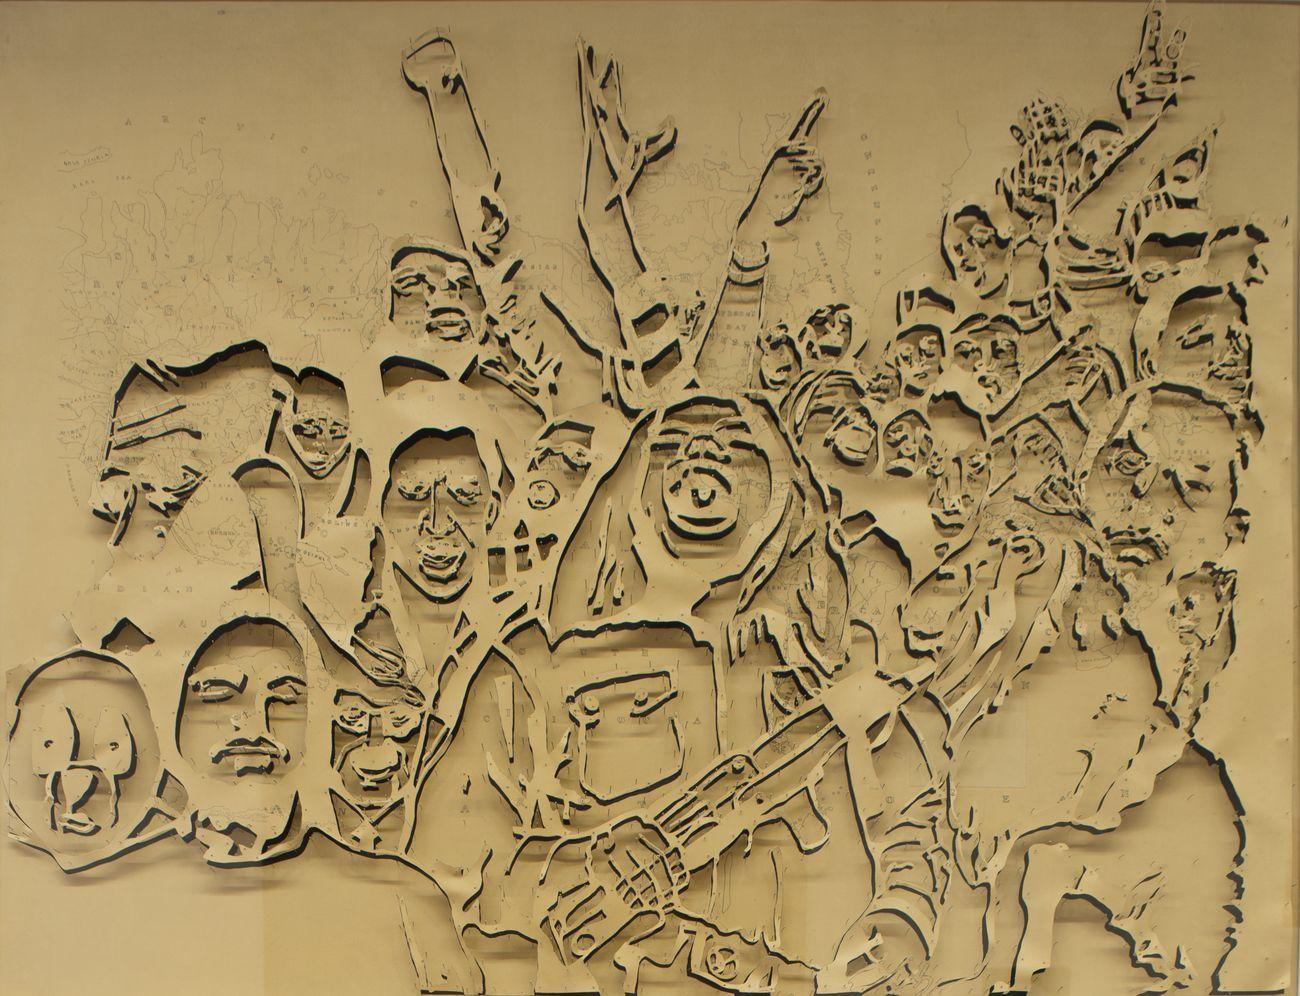 Pietro Ruffo, Atlas Riot's II, 2013, inchiostro e intagli su carta intelata, cm 140x173x9 (con cornice). Collezione Farnesina